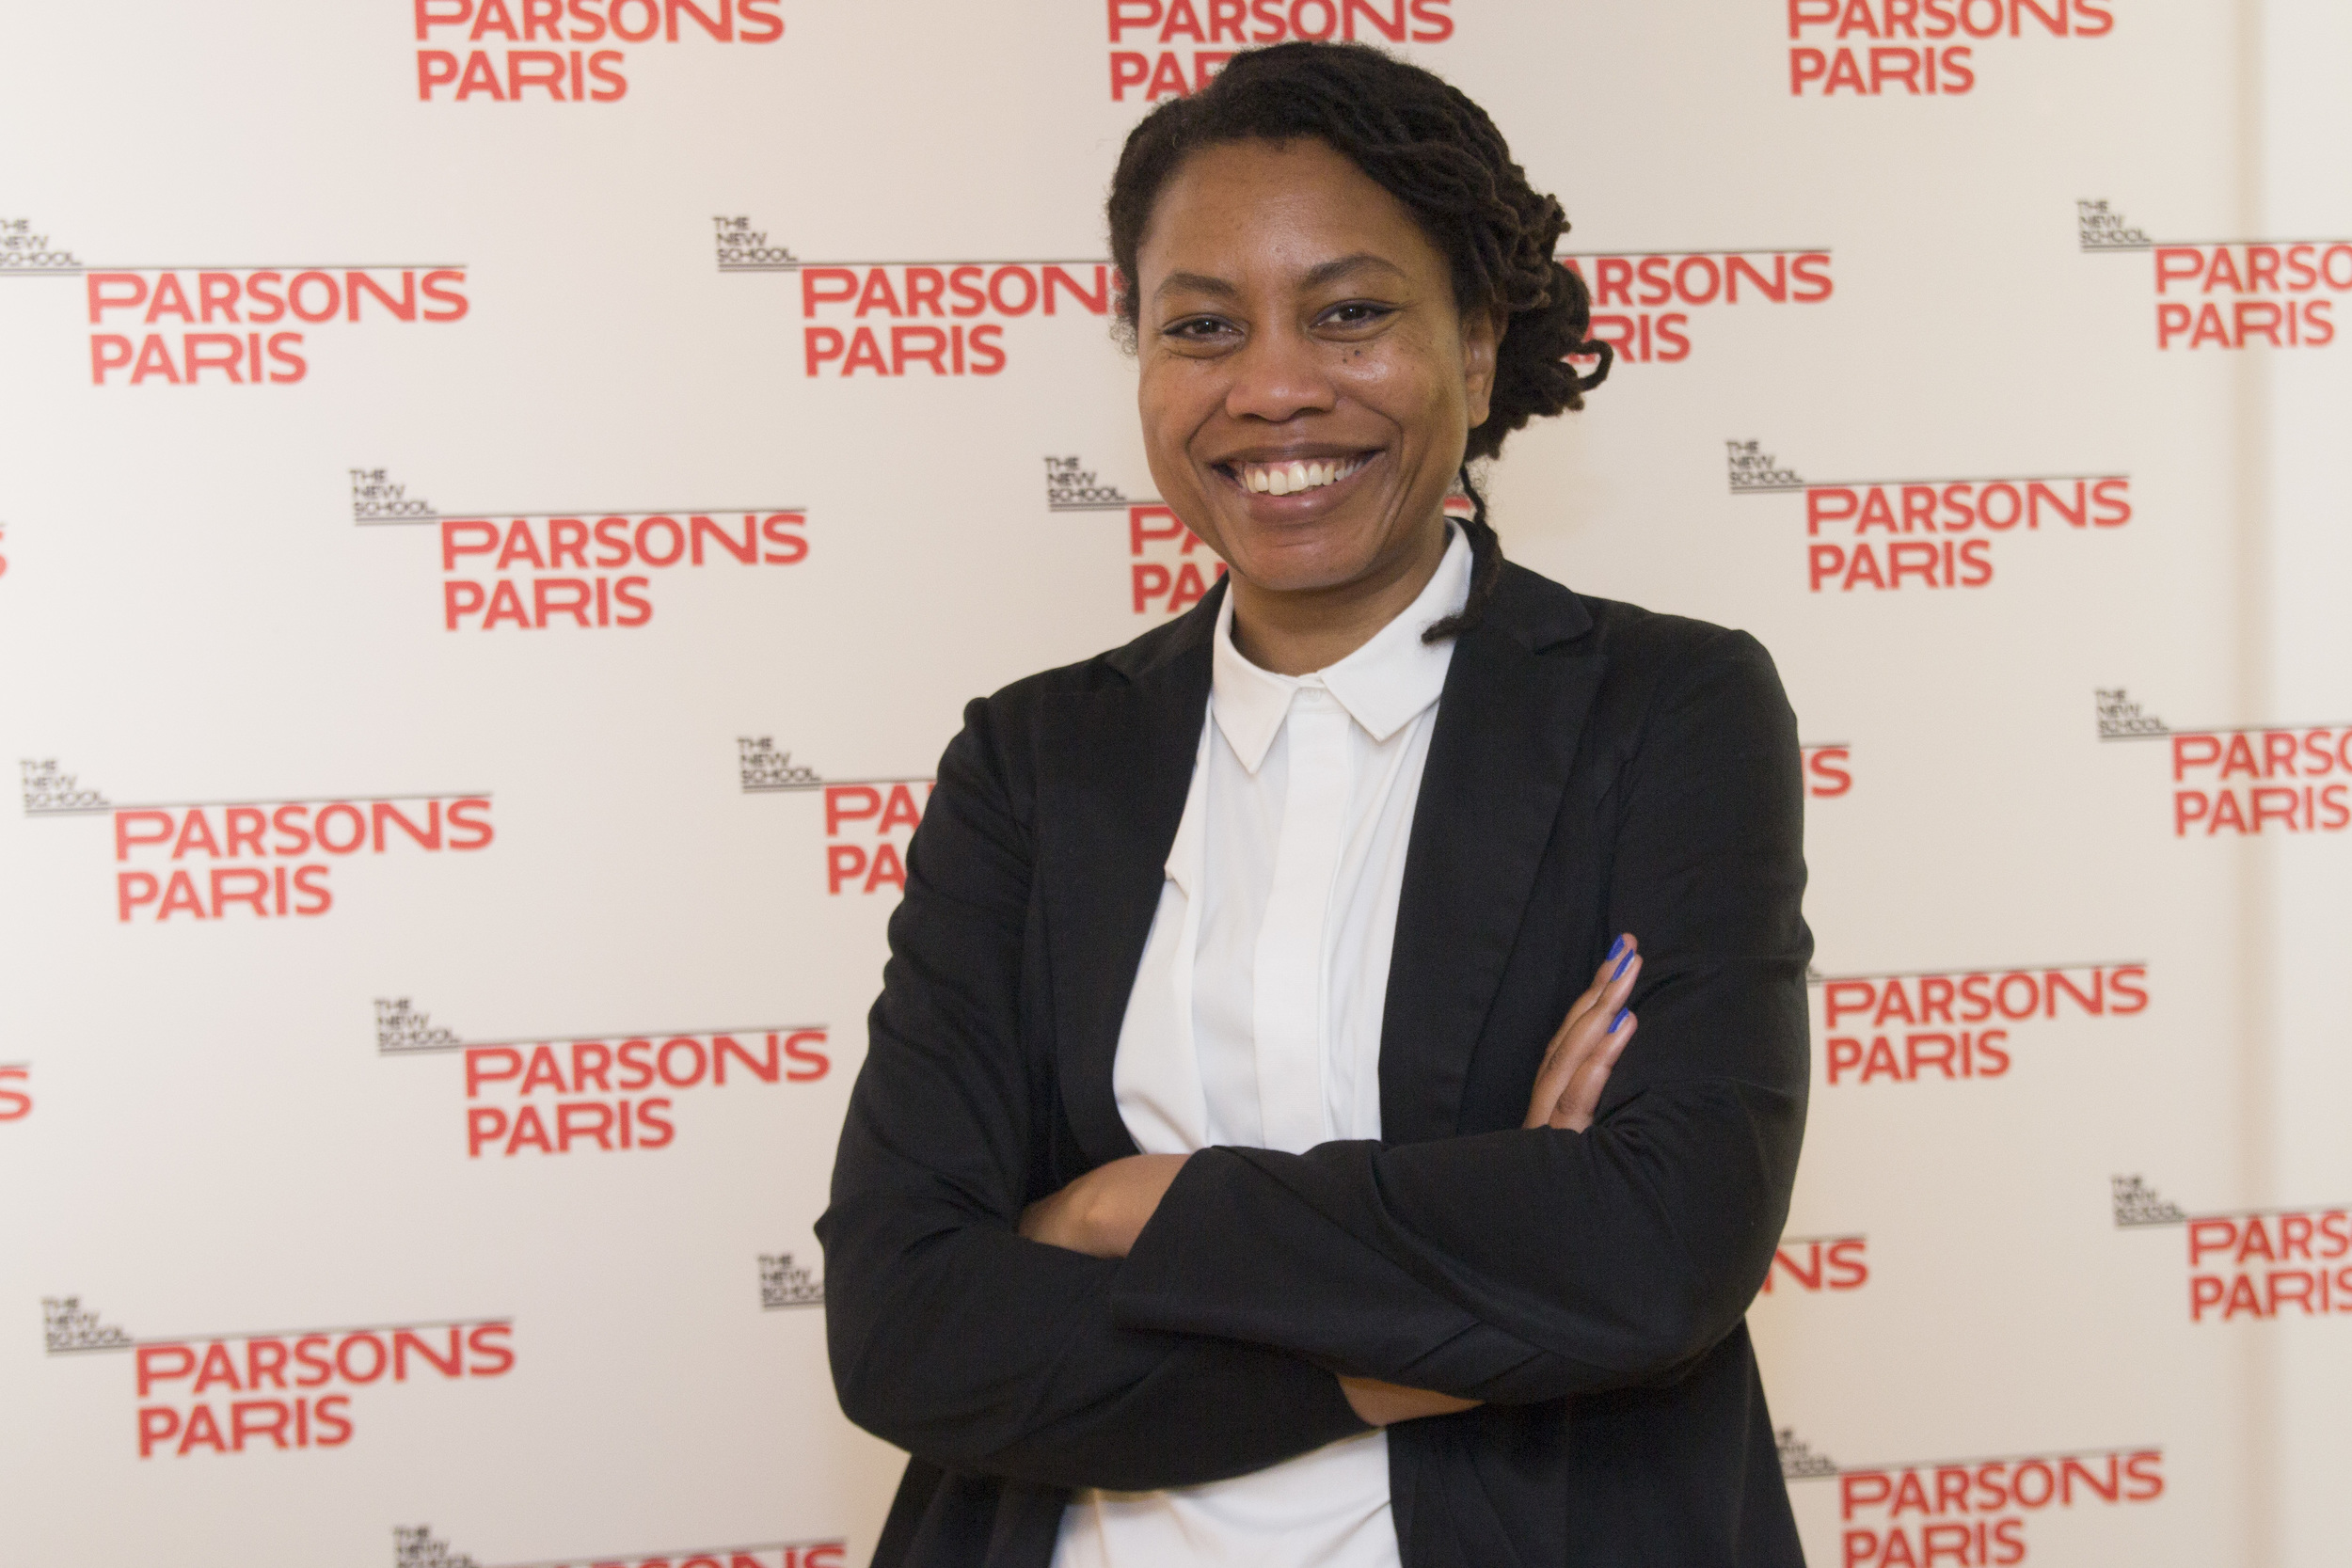 TNS_ParsonsParis_Graduation_154.jpg